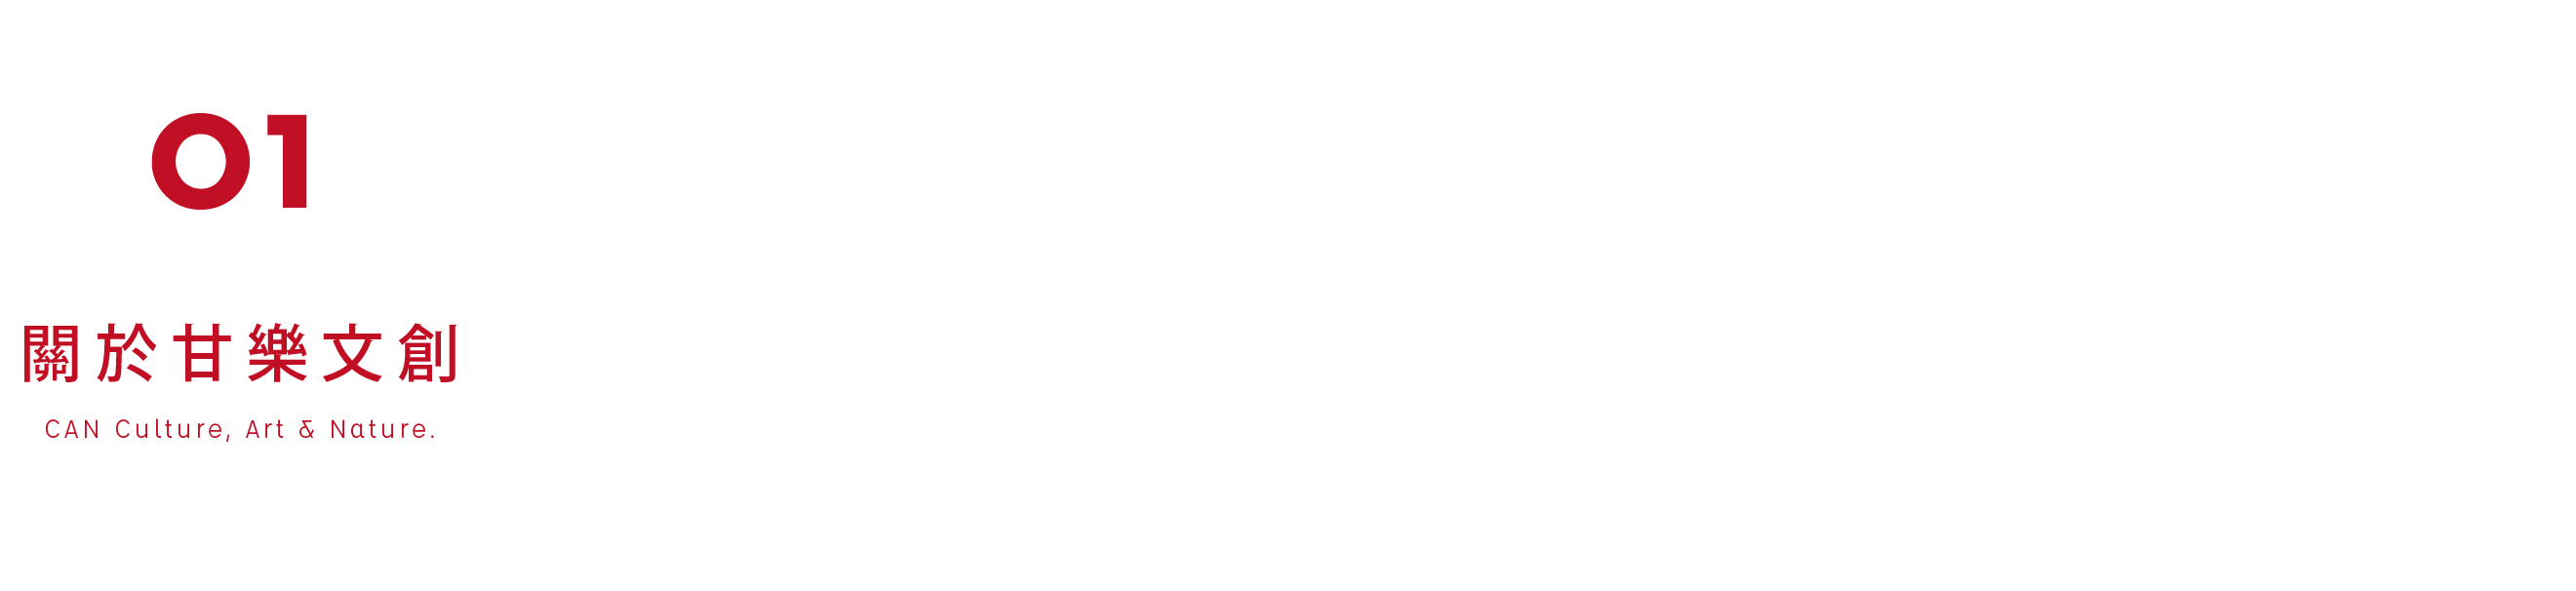 甘樂文創社創良品採購型錄_工作區域 1 複本 37.jpg